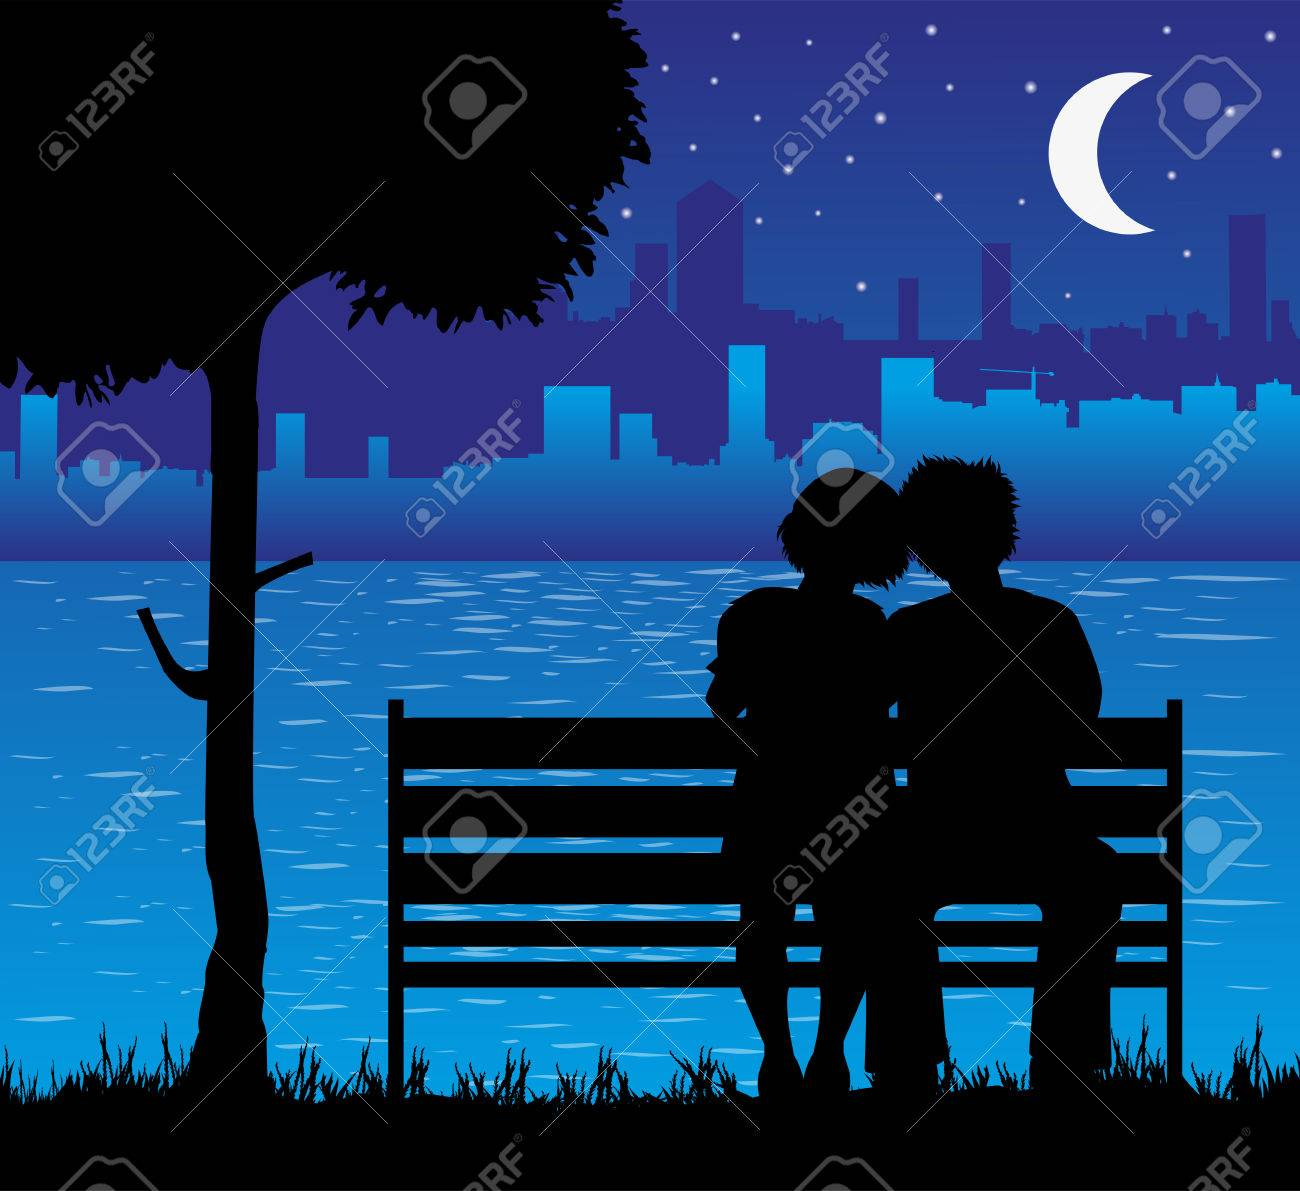 amoureux sur le banc et la ville en arriere plan